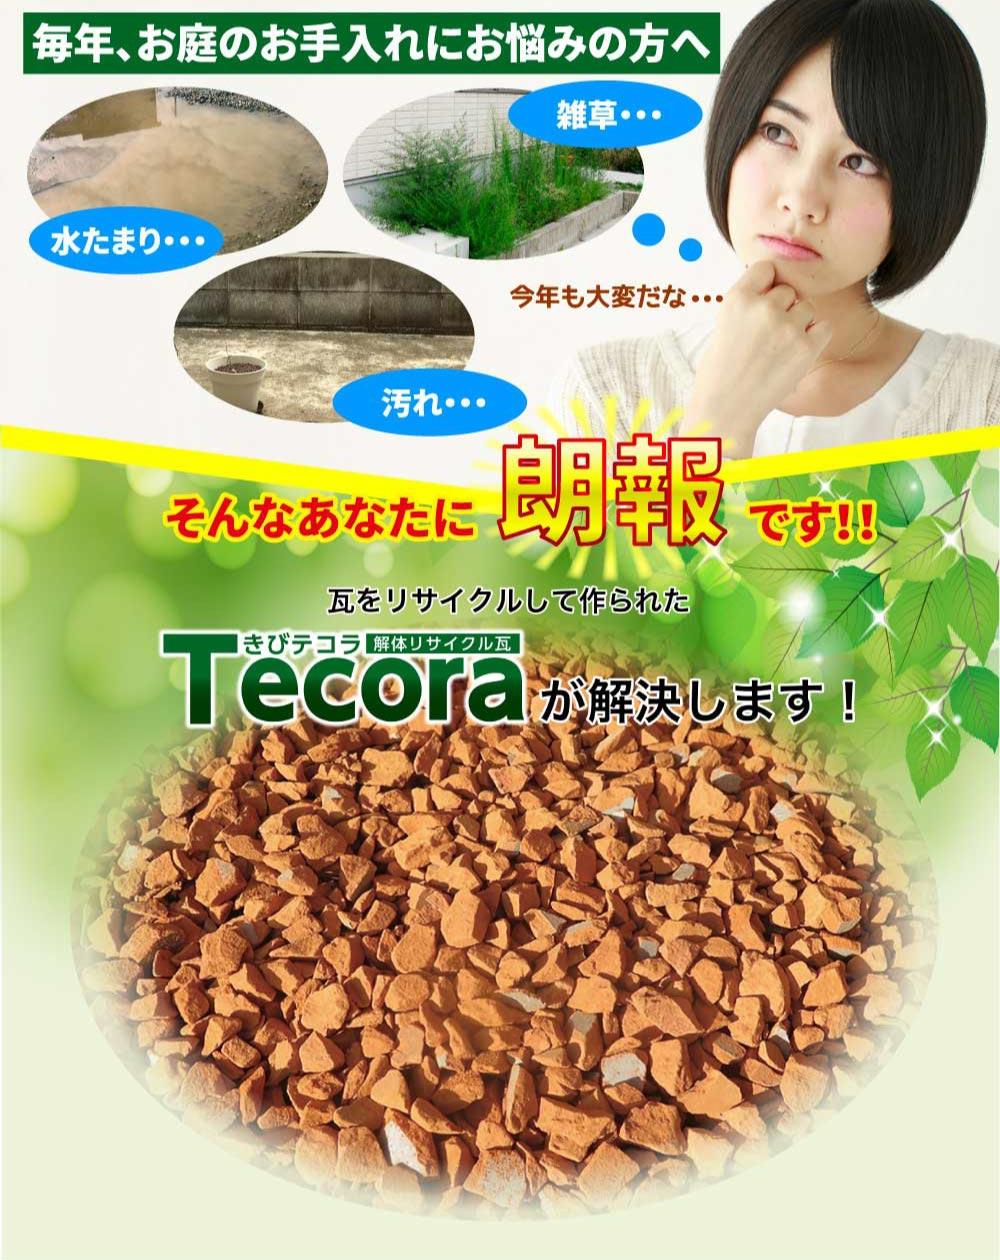 きびテコラ(Tecora)瓦リサイクルはひろやす瓦がスピード対応!岡山の方限定!無料お見積り特典&屋根修理ご成約特典